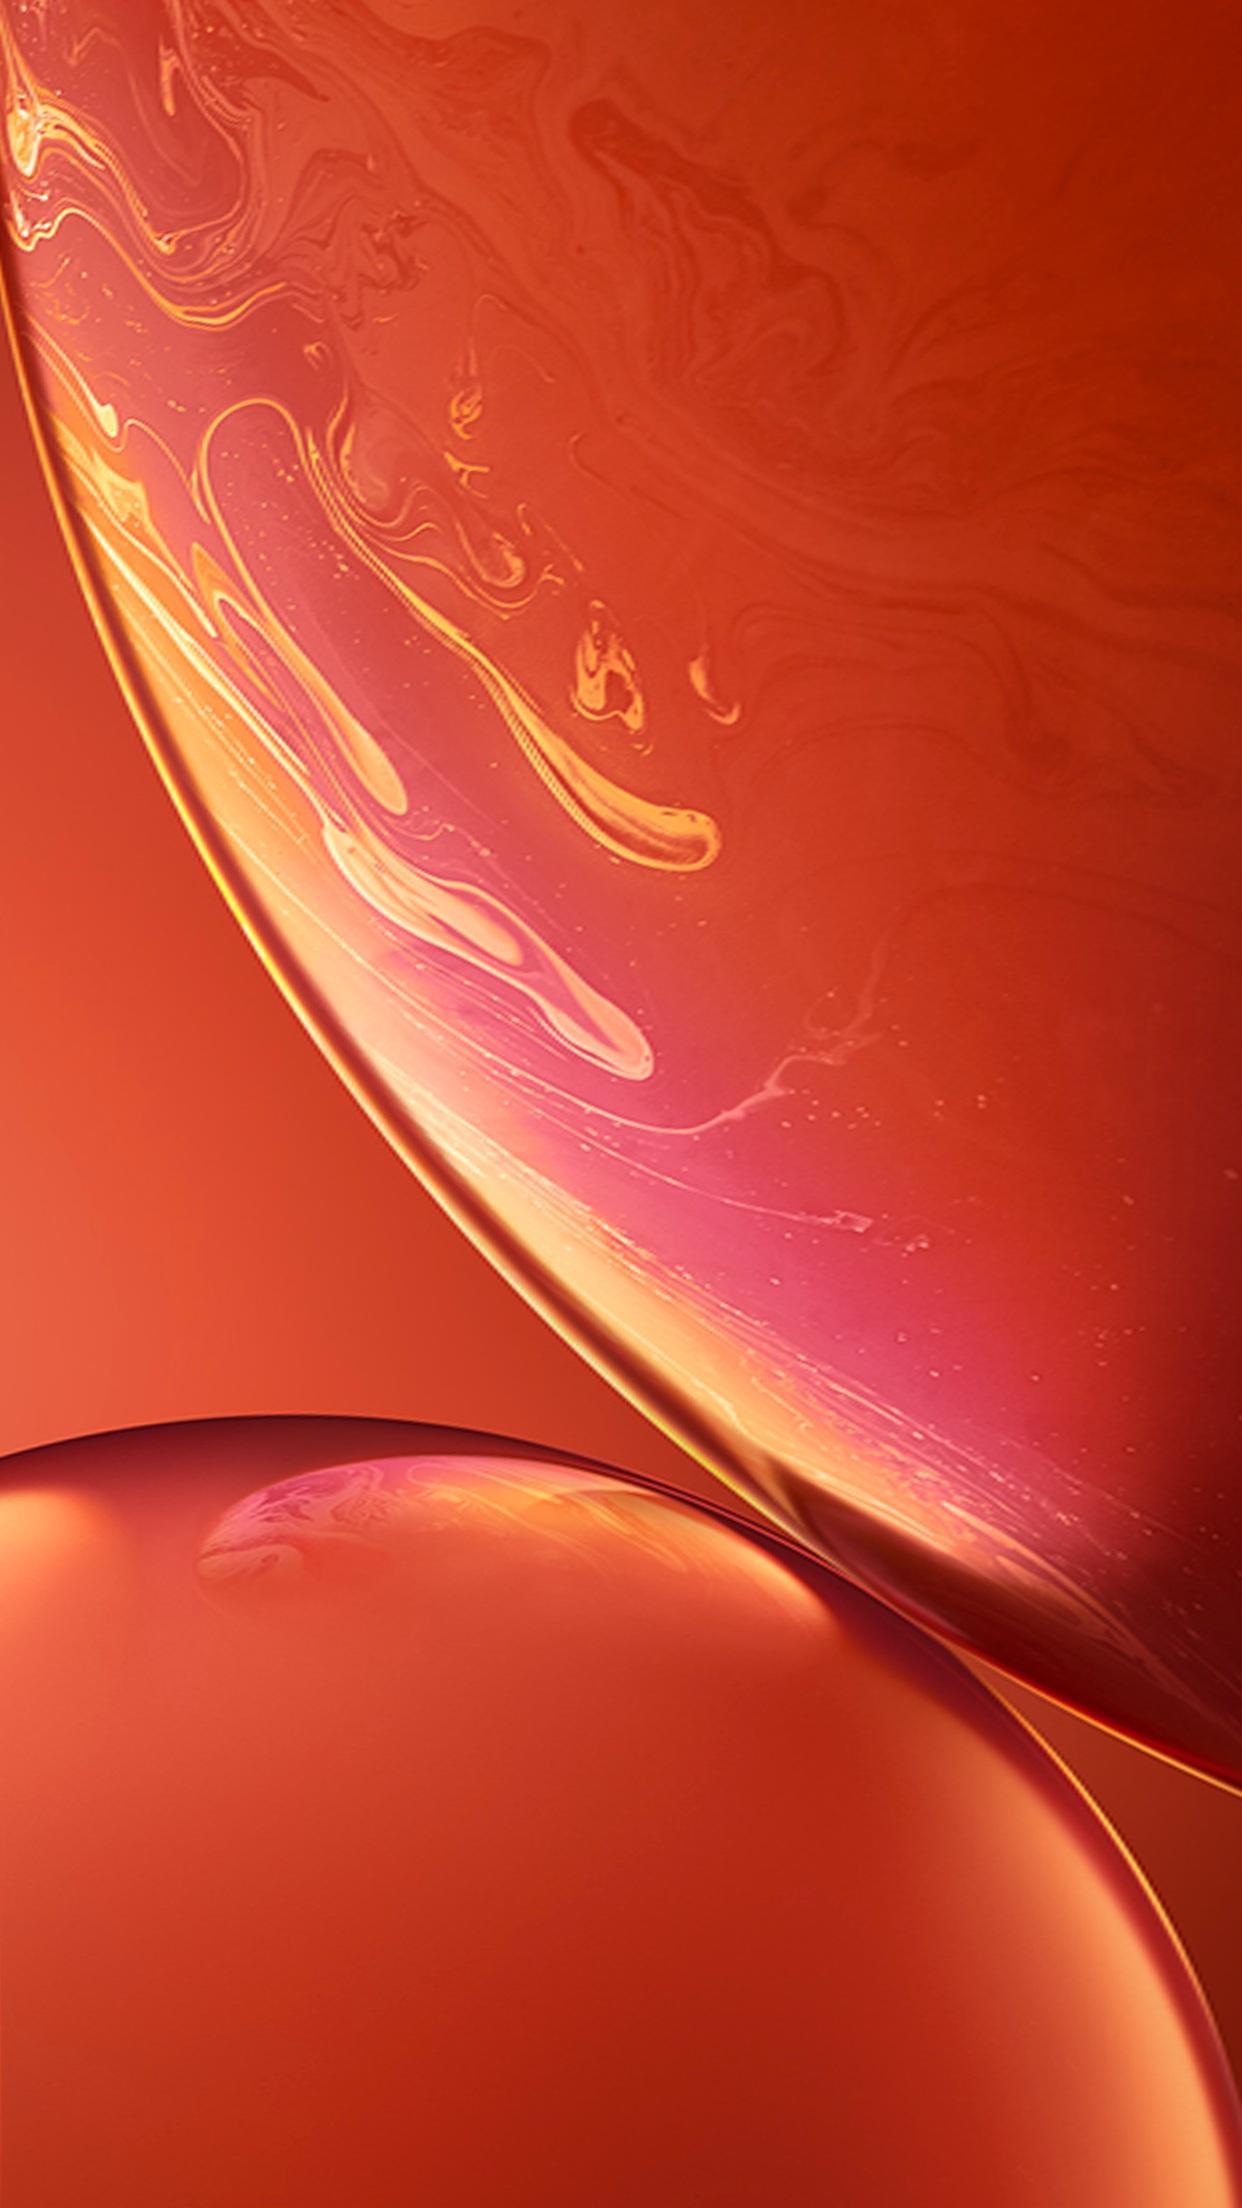 خلفيات ايفون xr البرتقالية